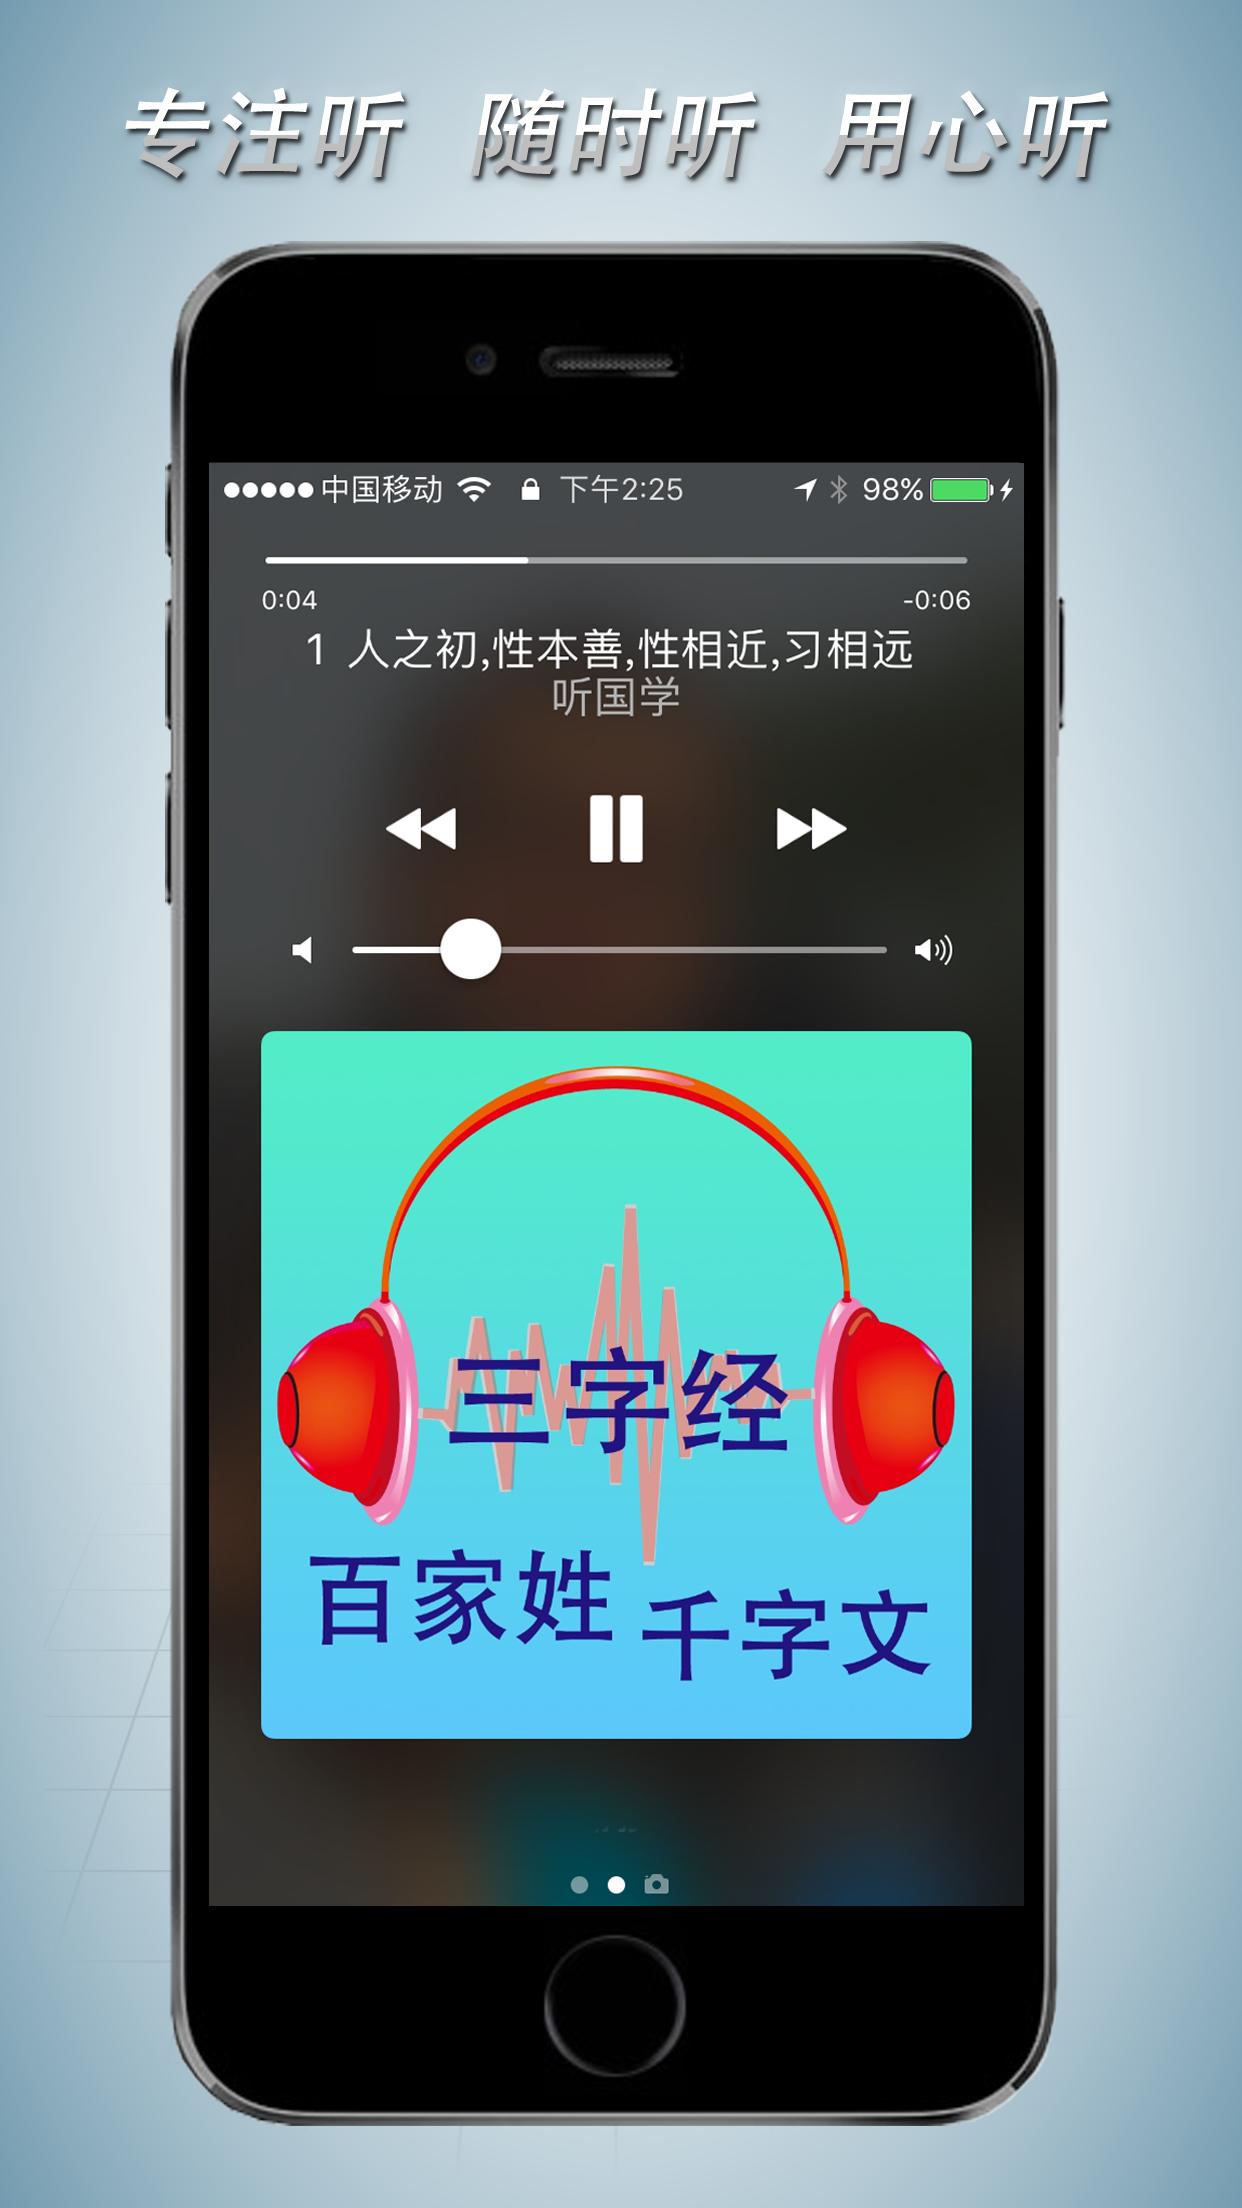 三字经-百家姓-千字文-有声版 Screenshot